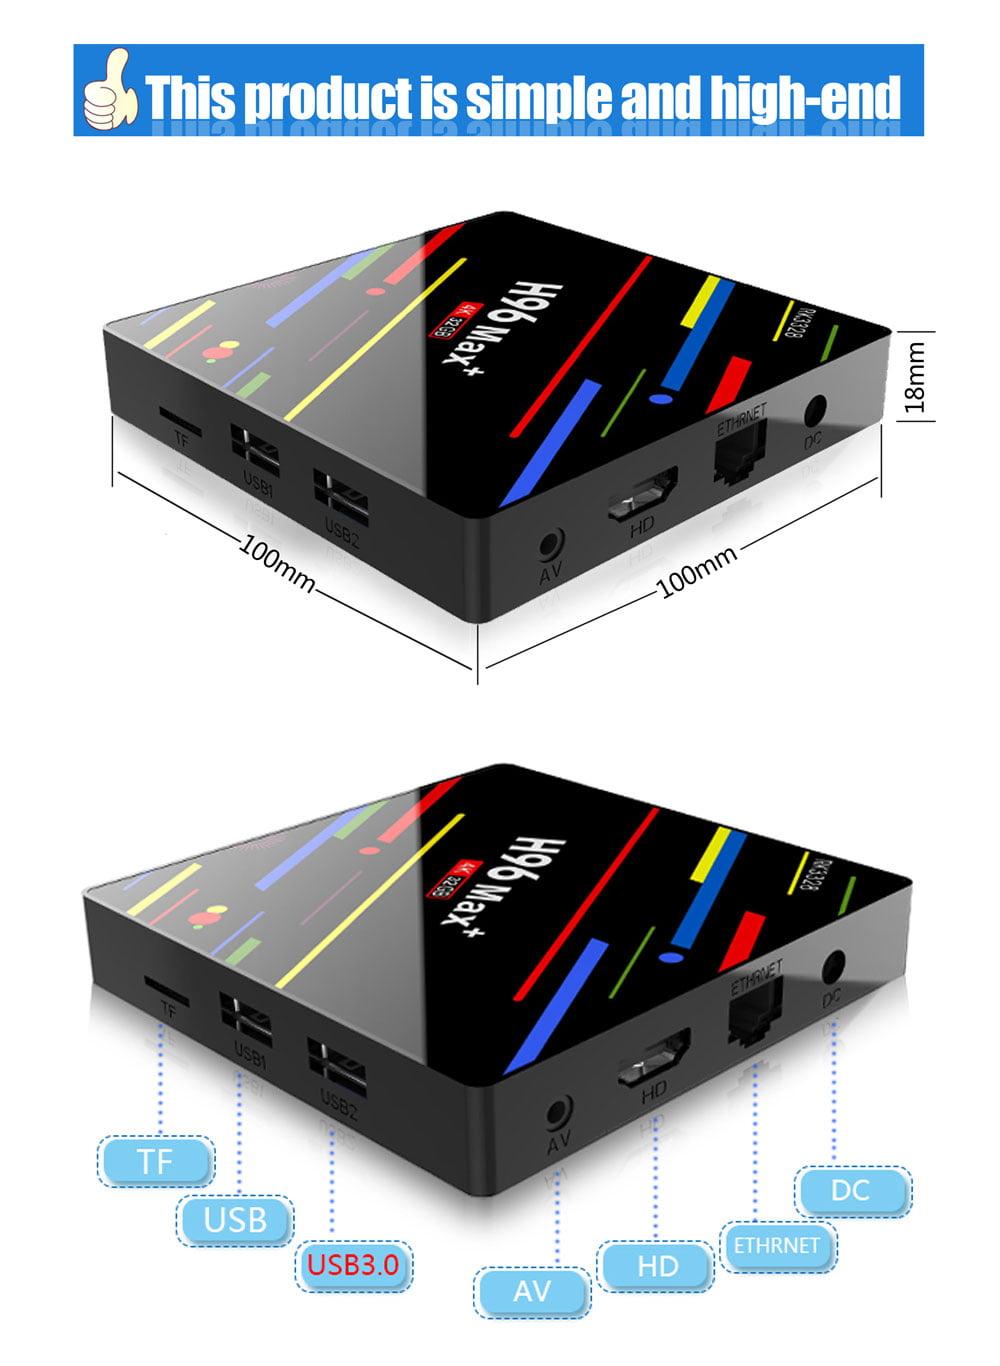 h96 max plus, h96 max plus review, h96 max plus box, h96 max plus firmware rk3328, h96 max plus jailbreak, h96 max plus rk3328 firmware download, tv box h96 max, h96 max ultra hd, h96 max vs h96 max plus, tv box